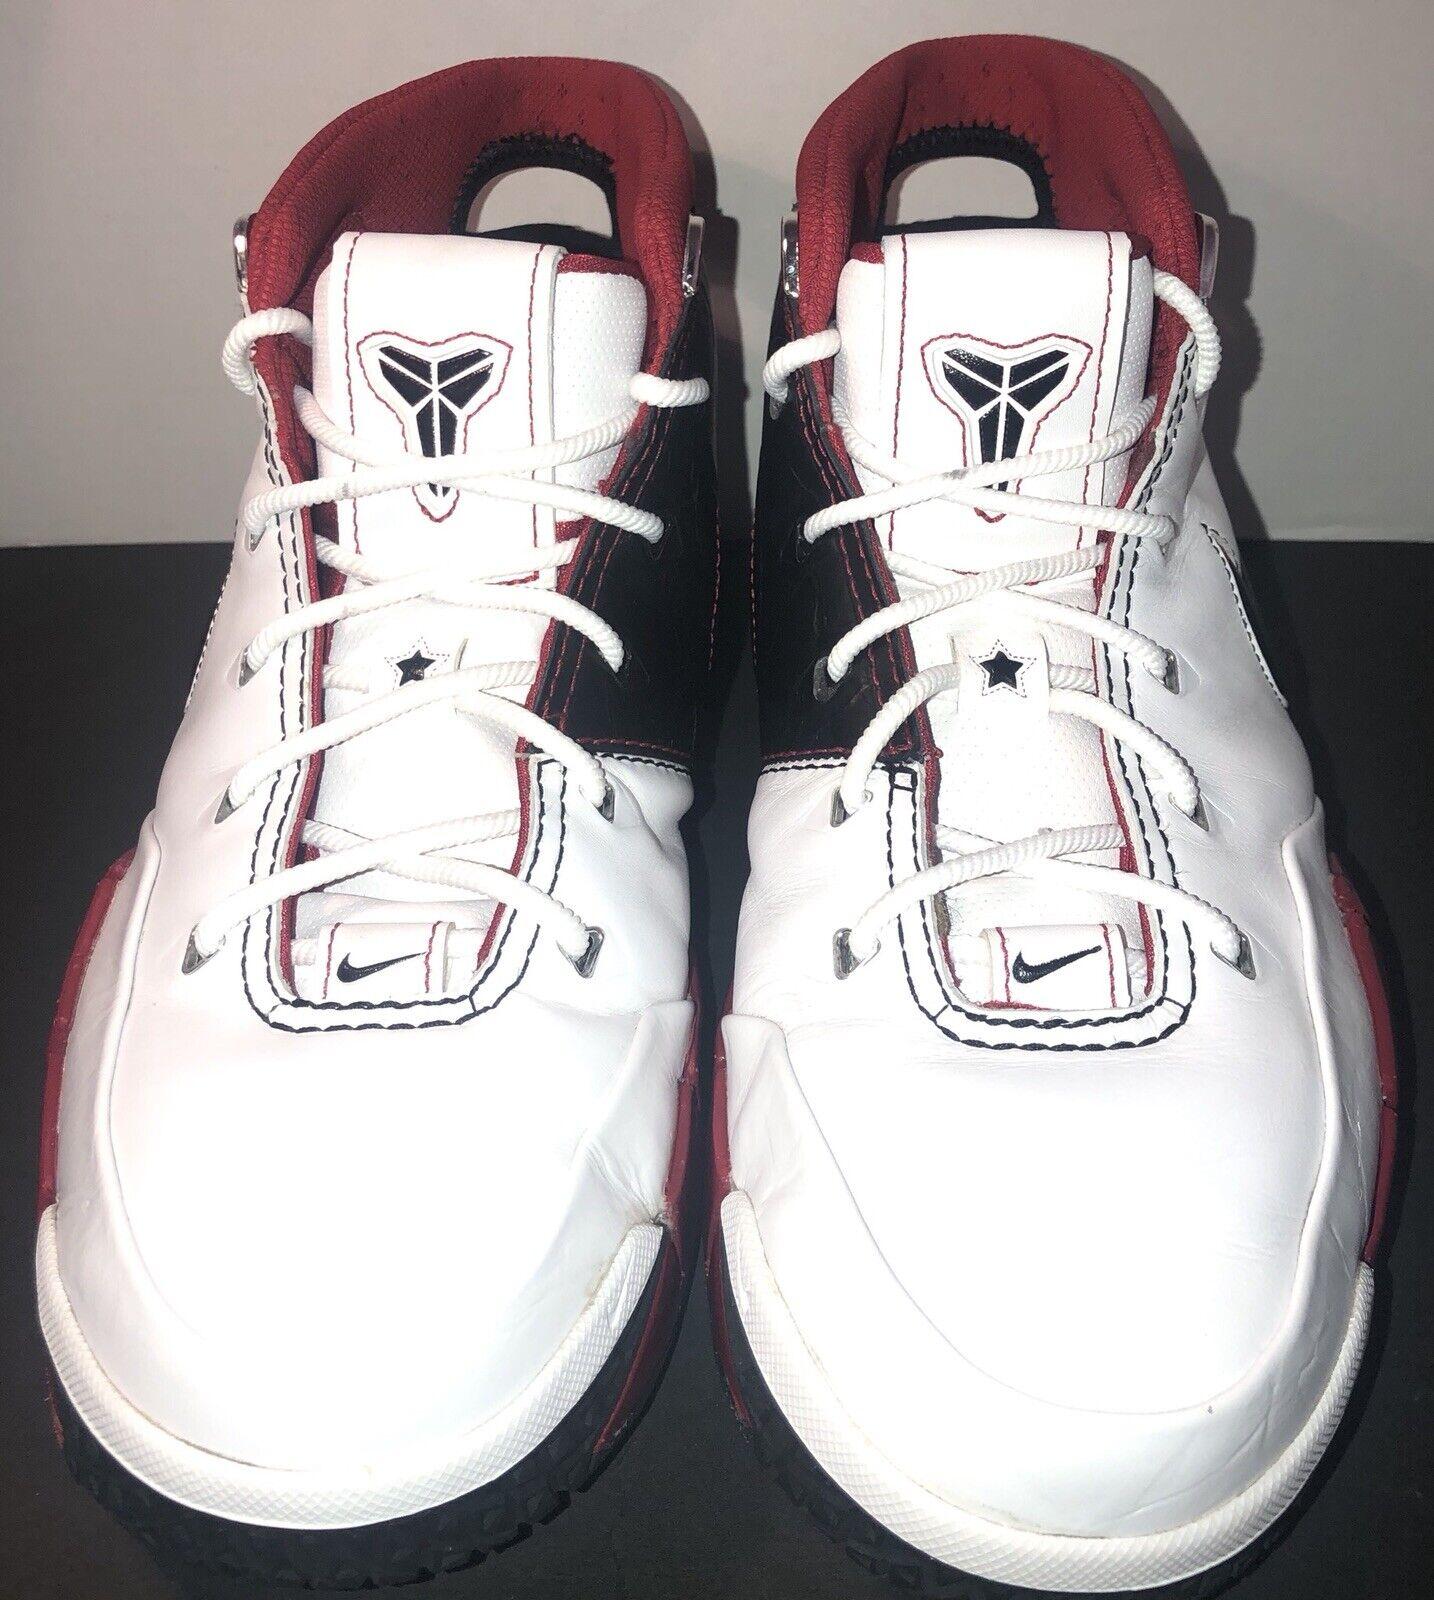 Nike Zoom Kobe 1 White Black Varsity Red  313143101  Size 10.5